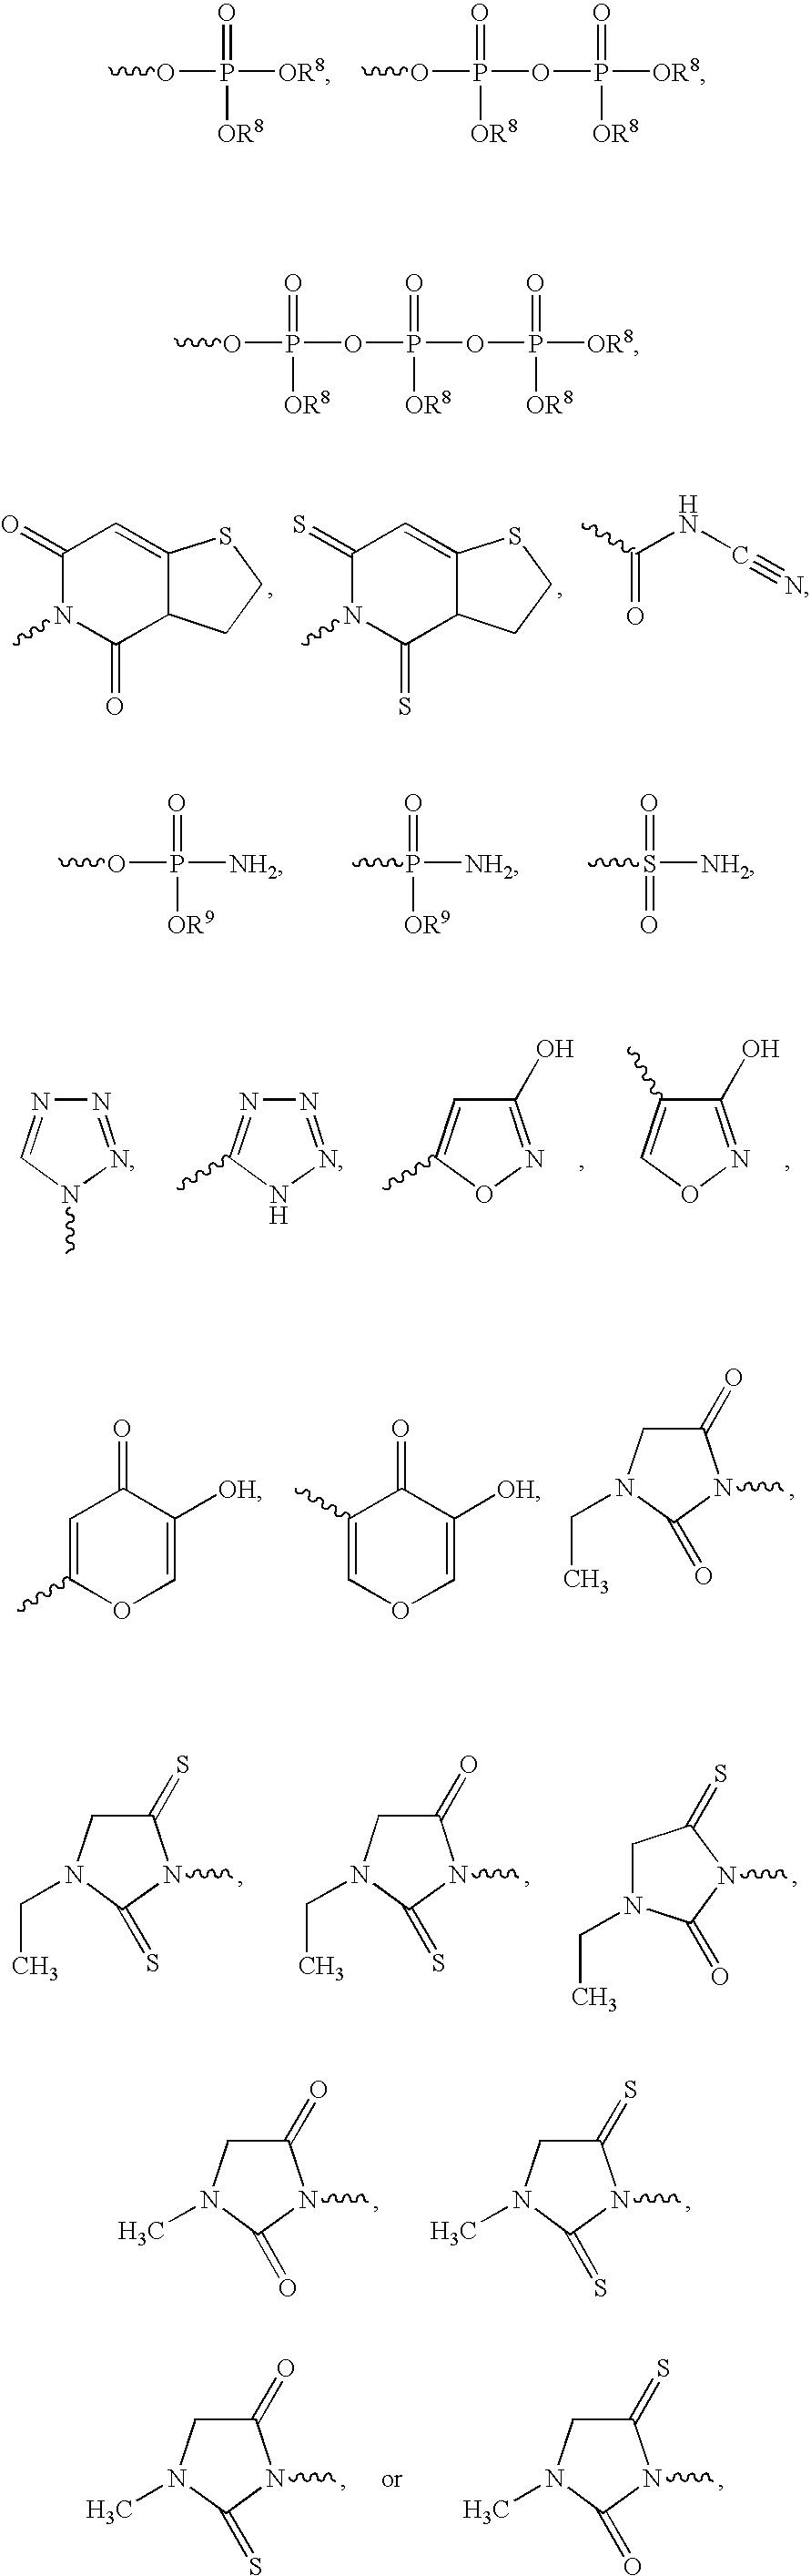 Figure US20040192771A1-20040930-C00008